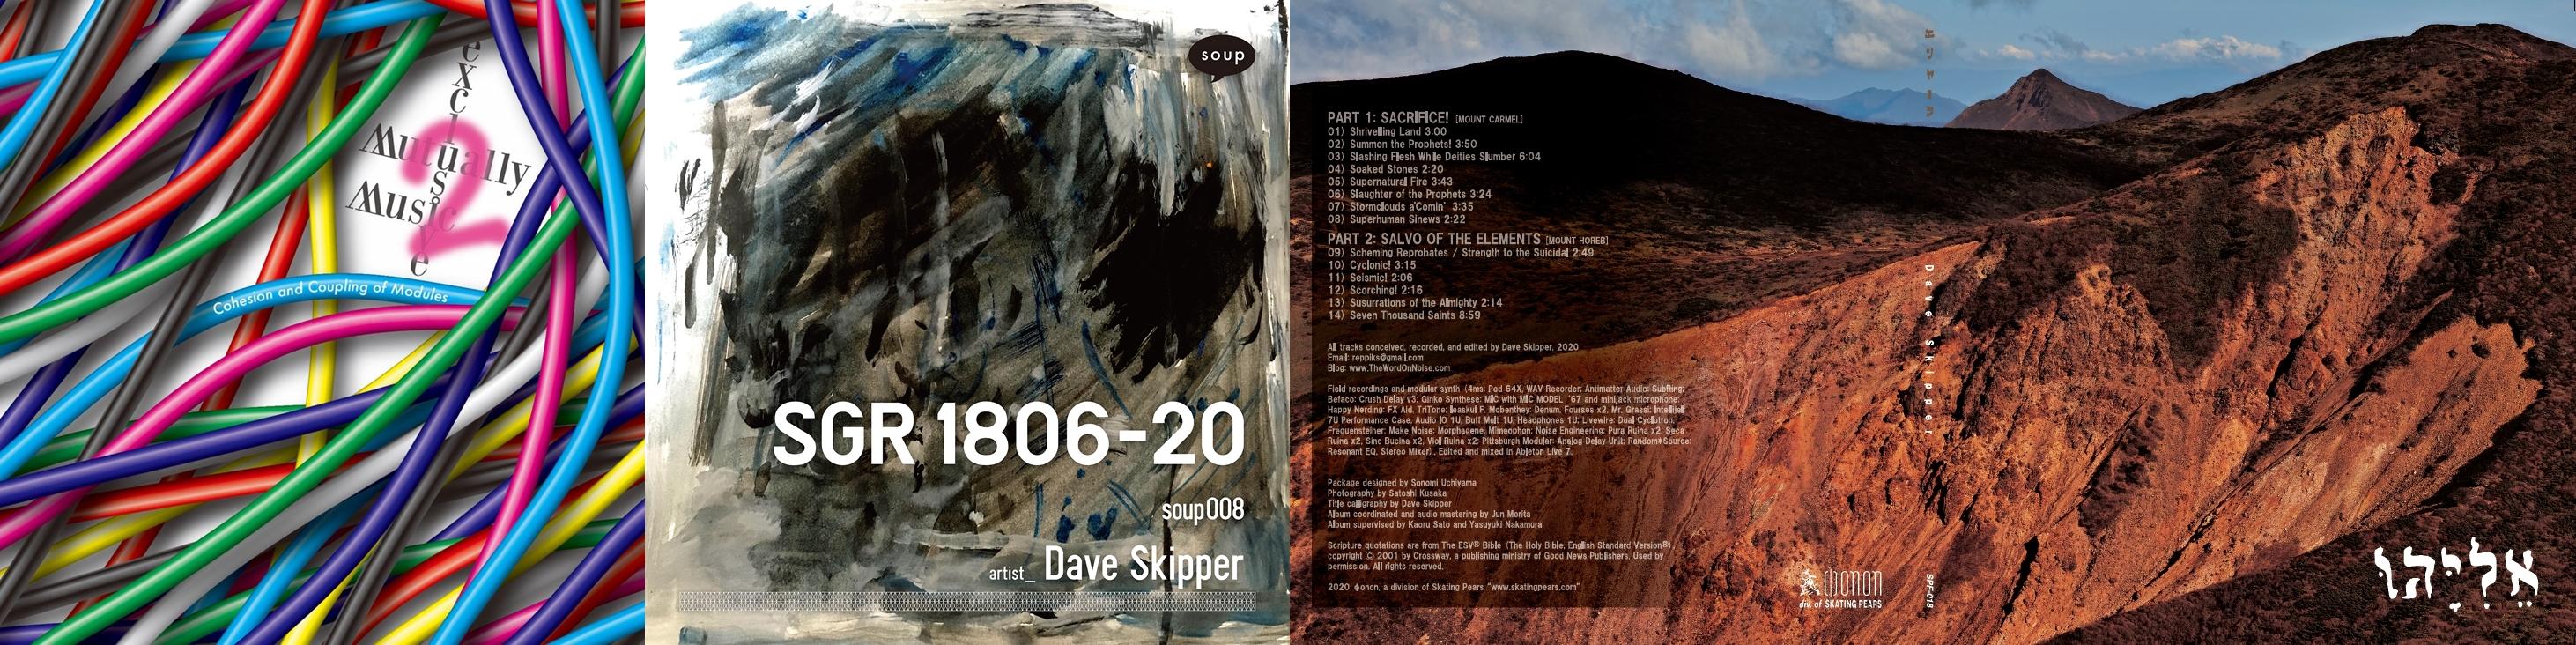 2021 album covers